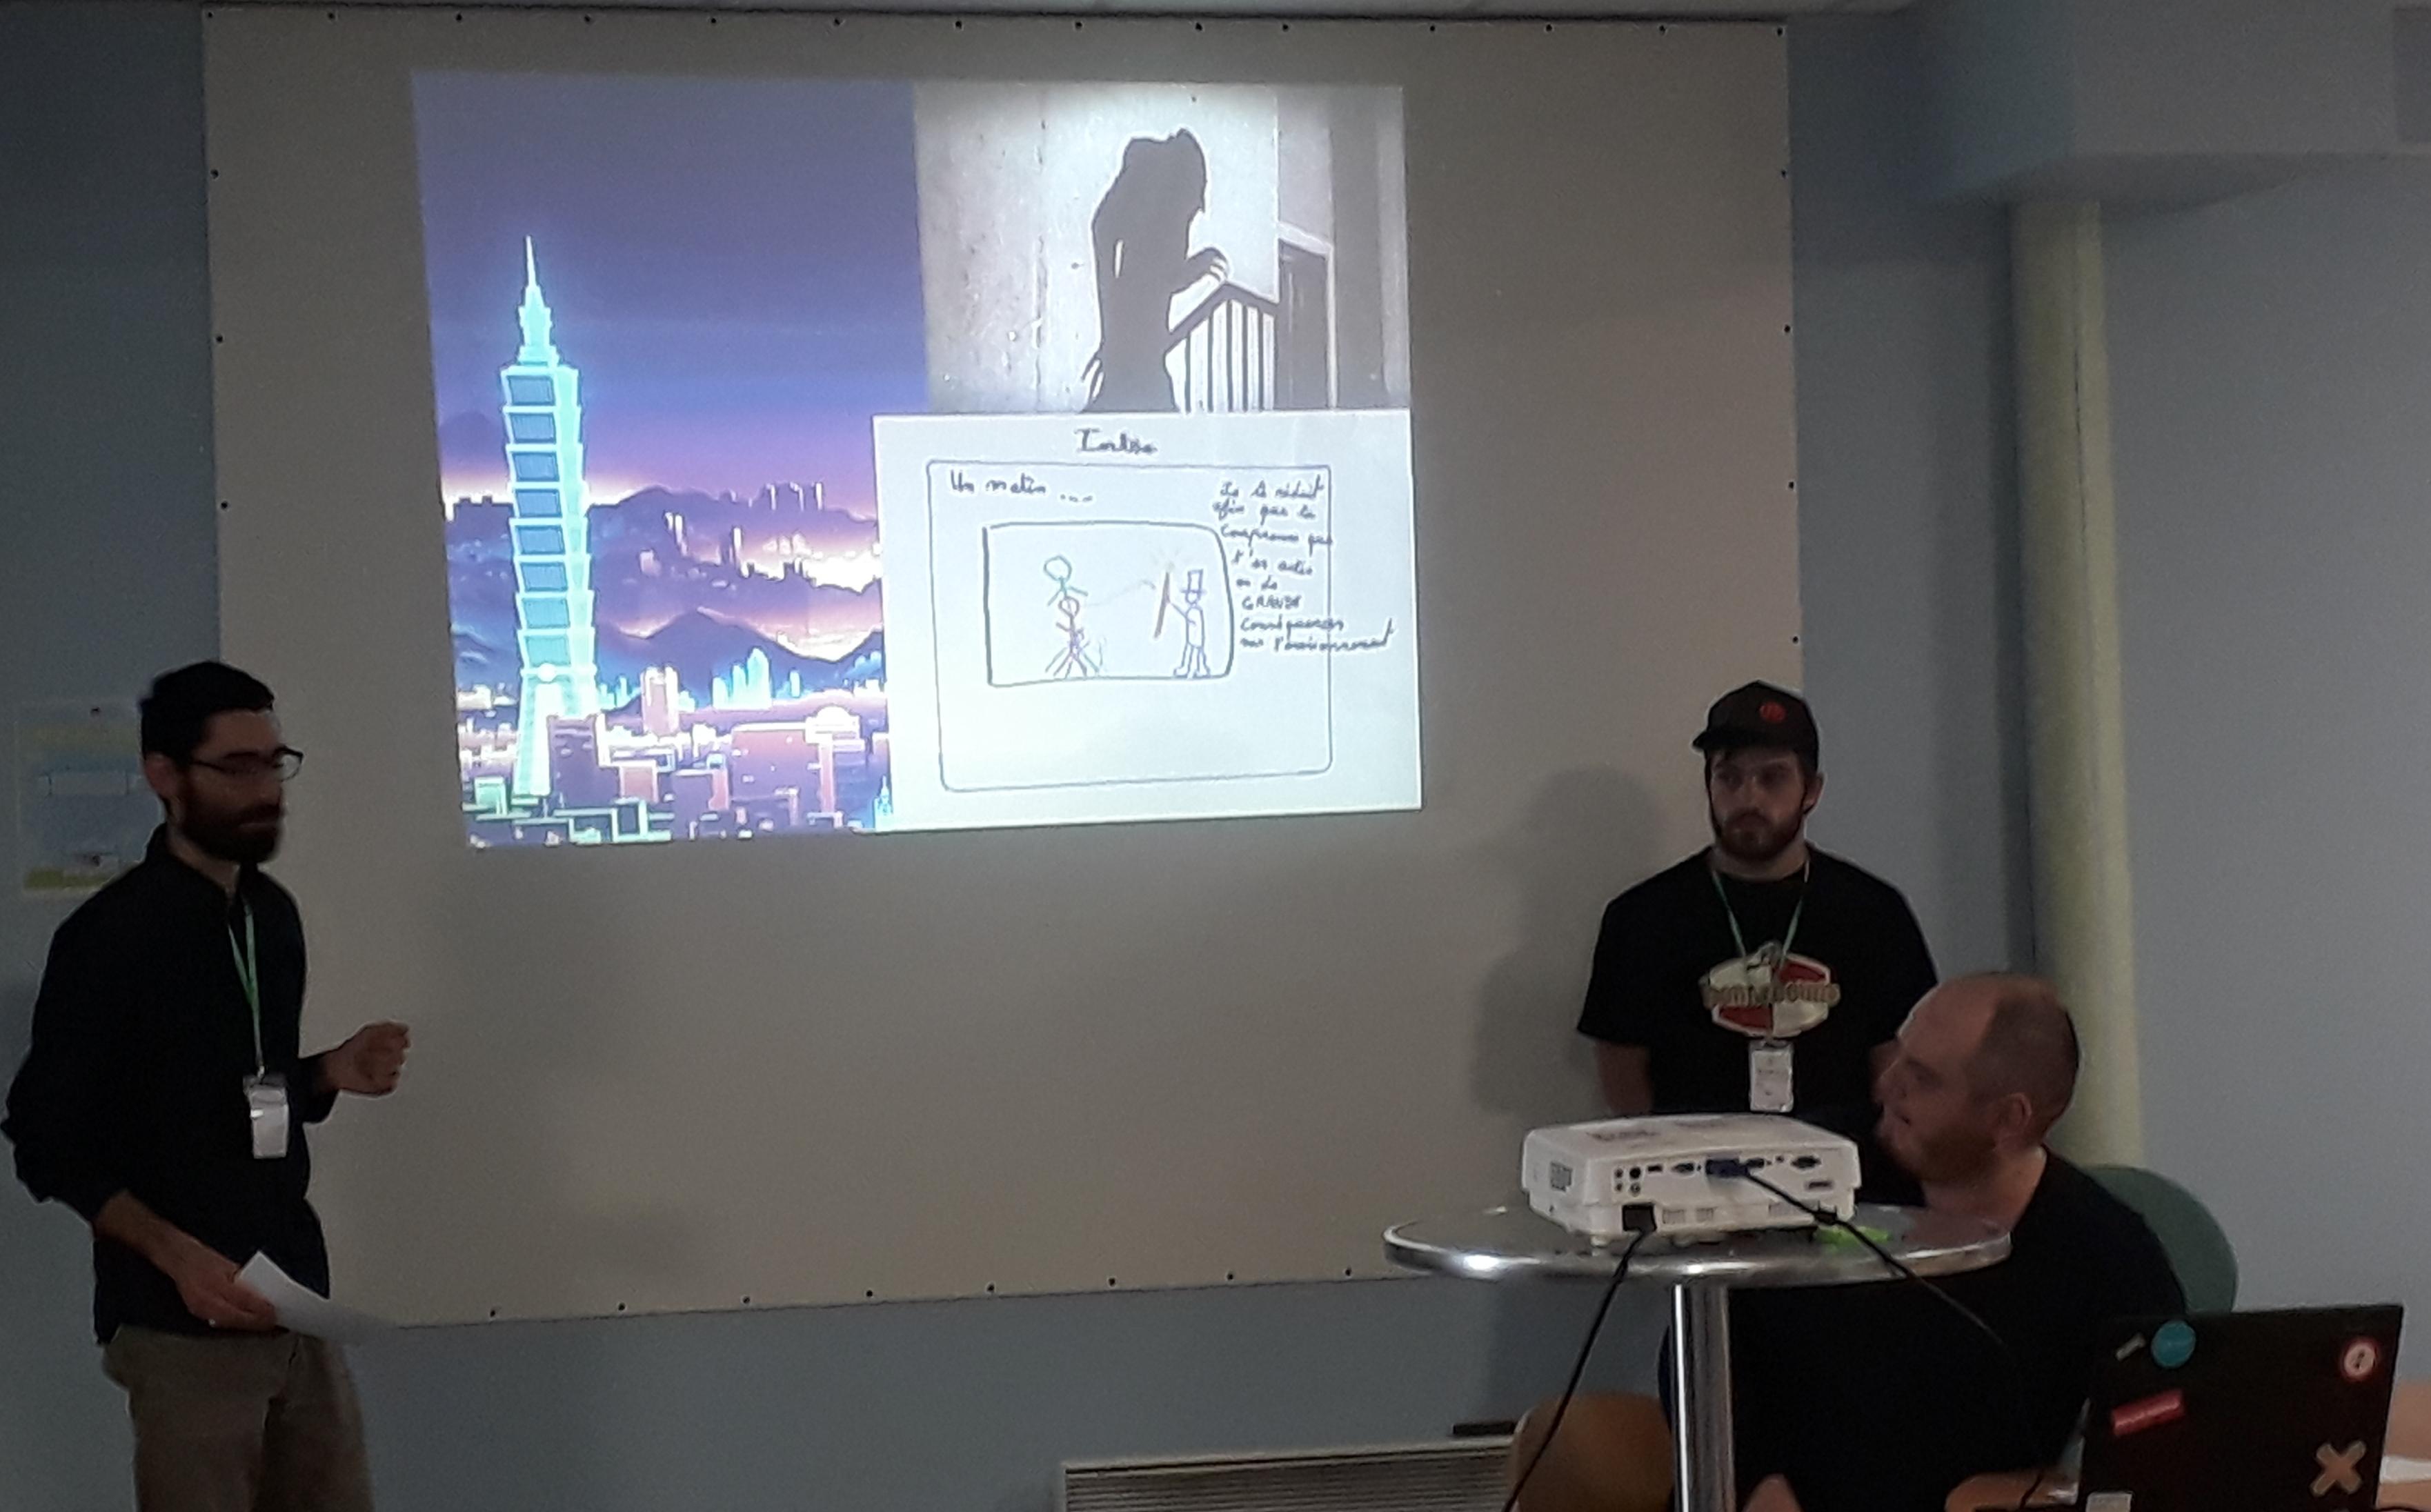 Début du jeu ÉcoKid : le méchant Energeox diminue notre taille !